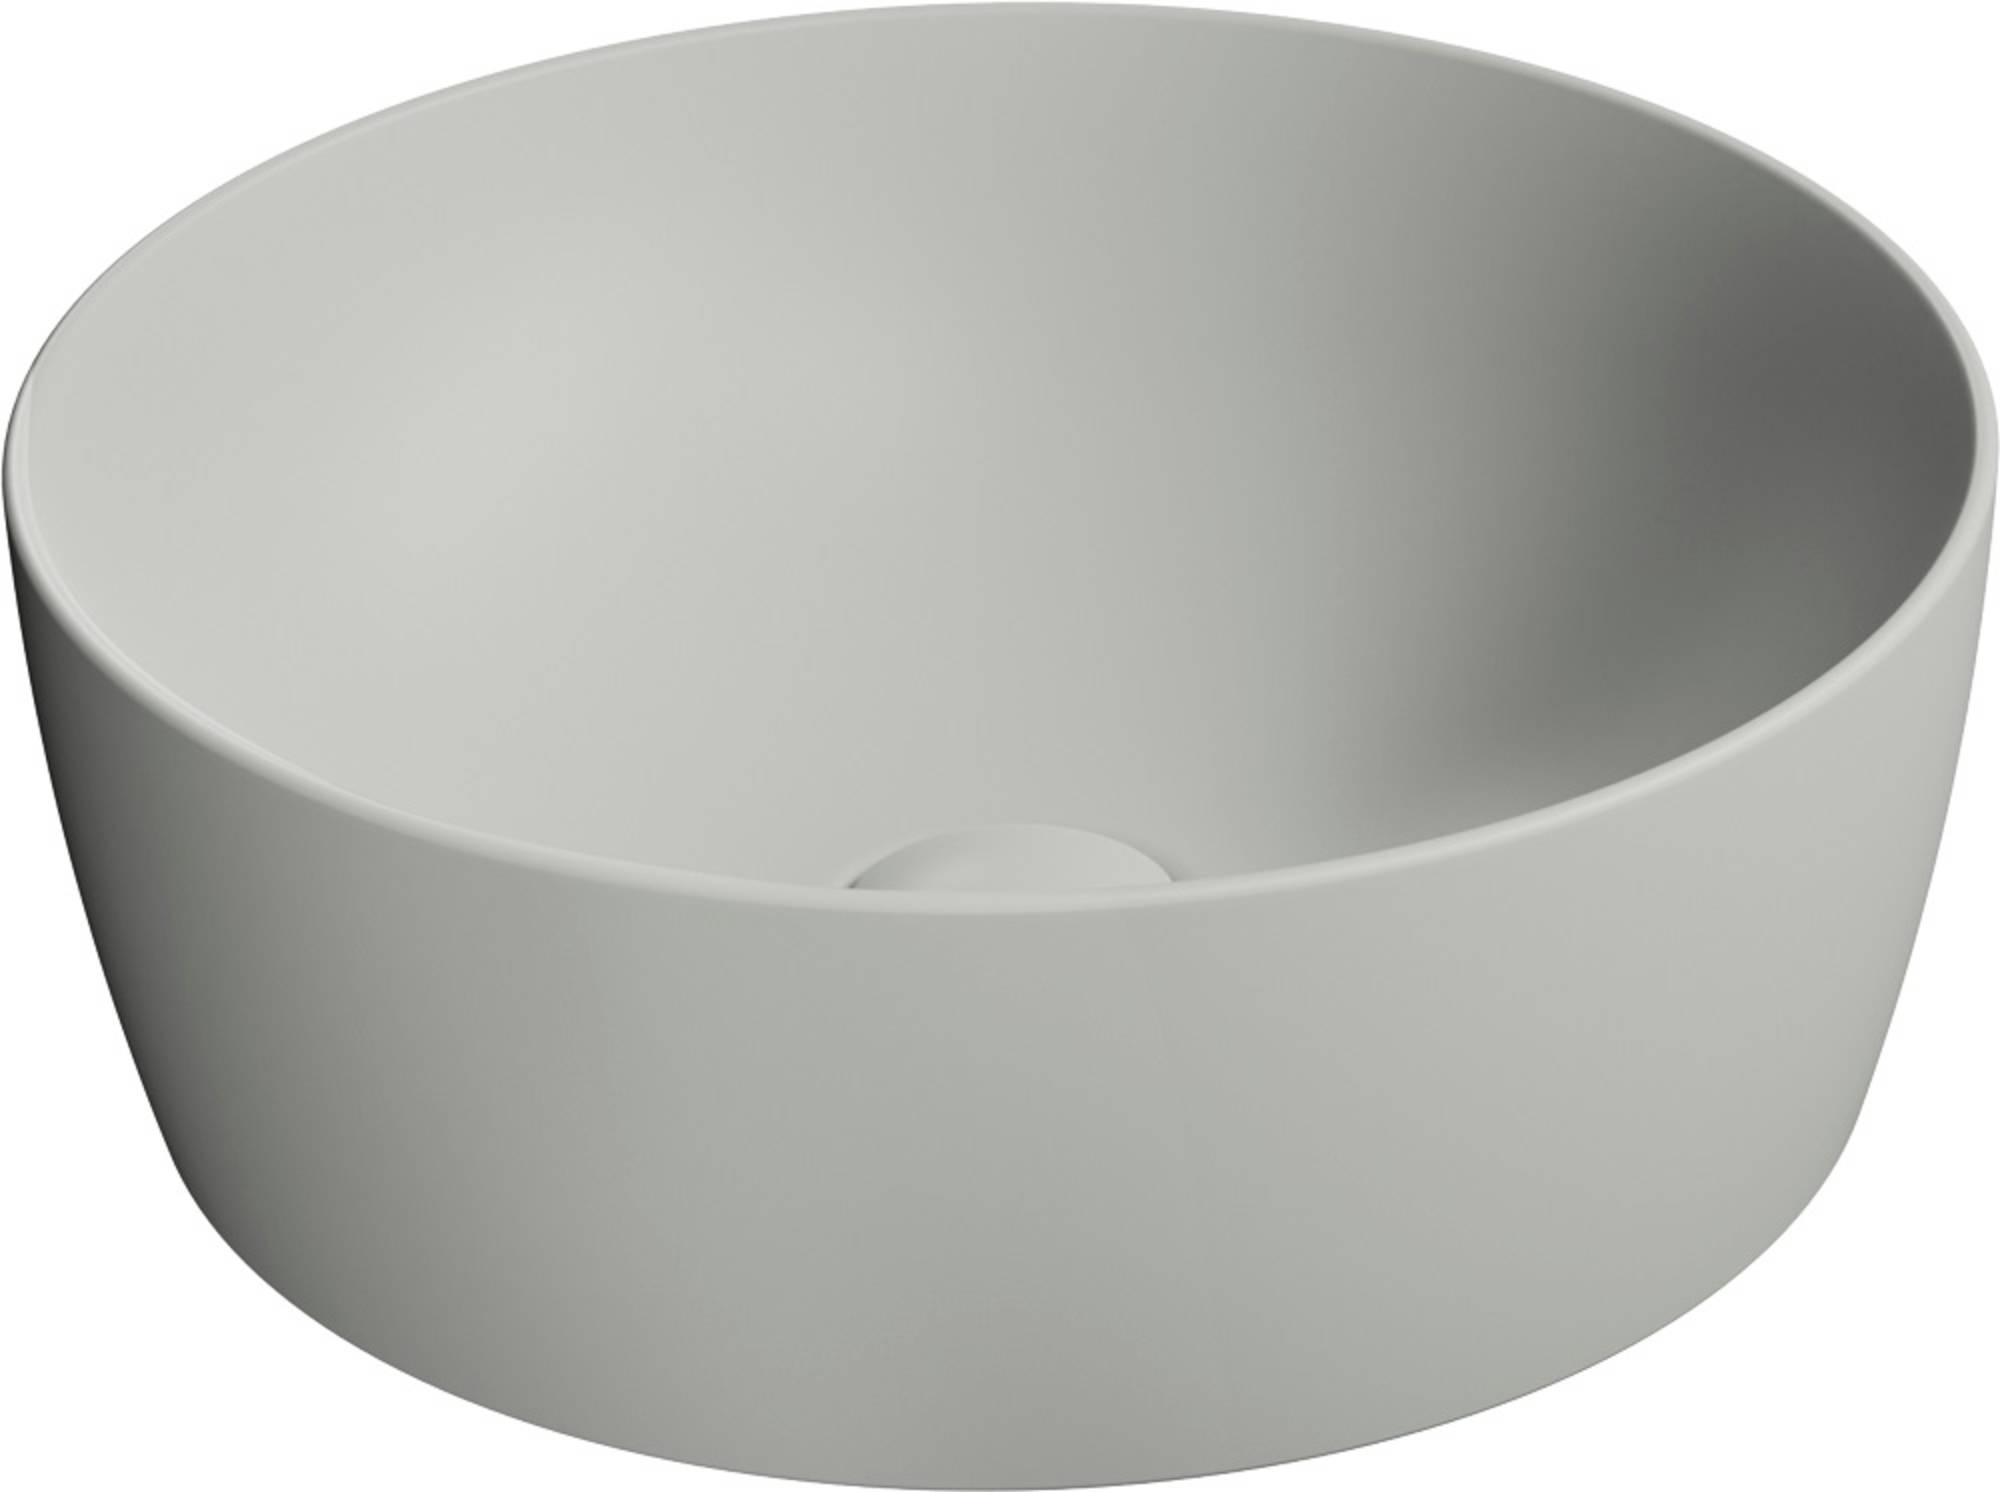 Ben Stilo Opzetkom Keramiek Ø 40x14 cm Cement Grijs